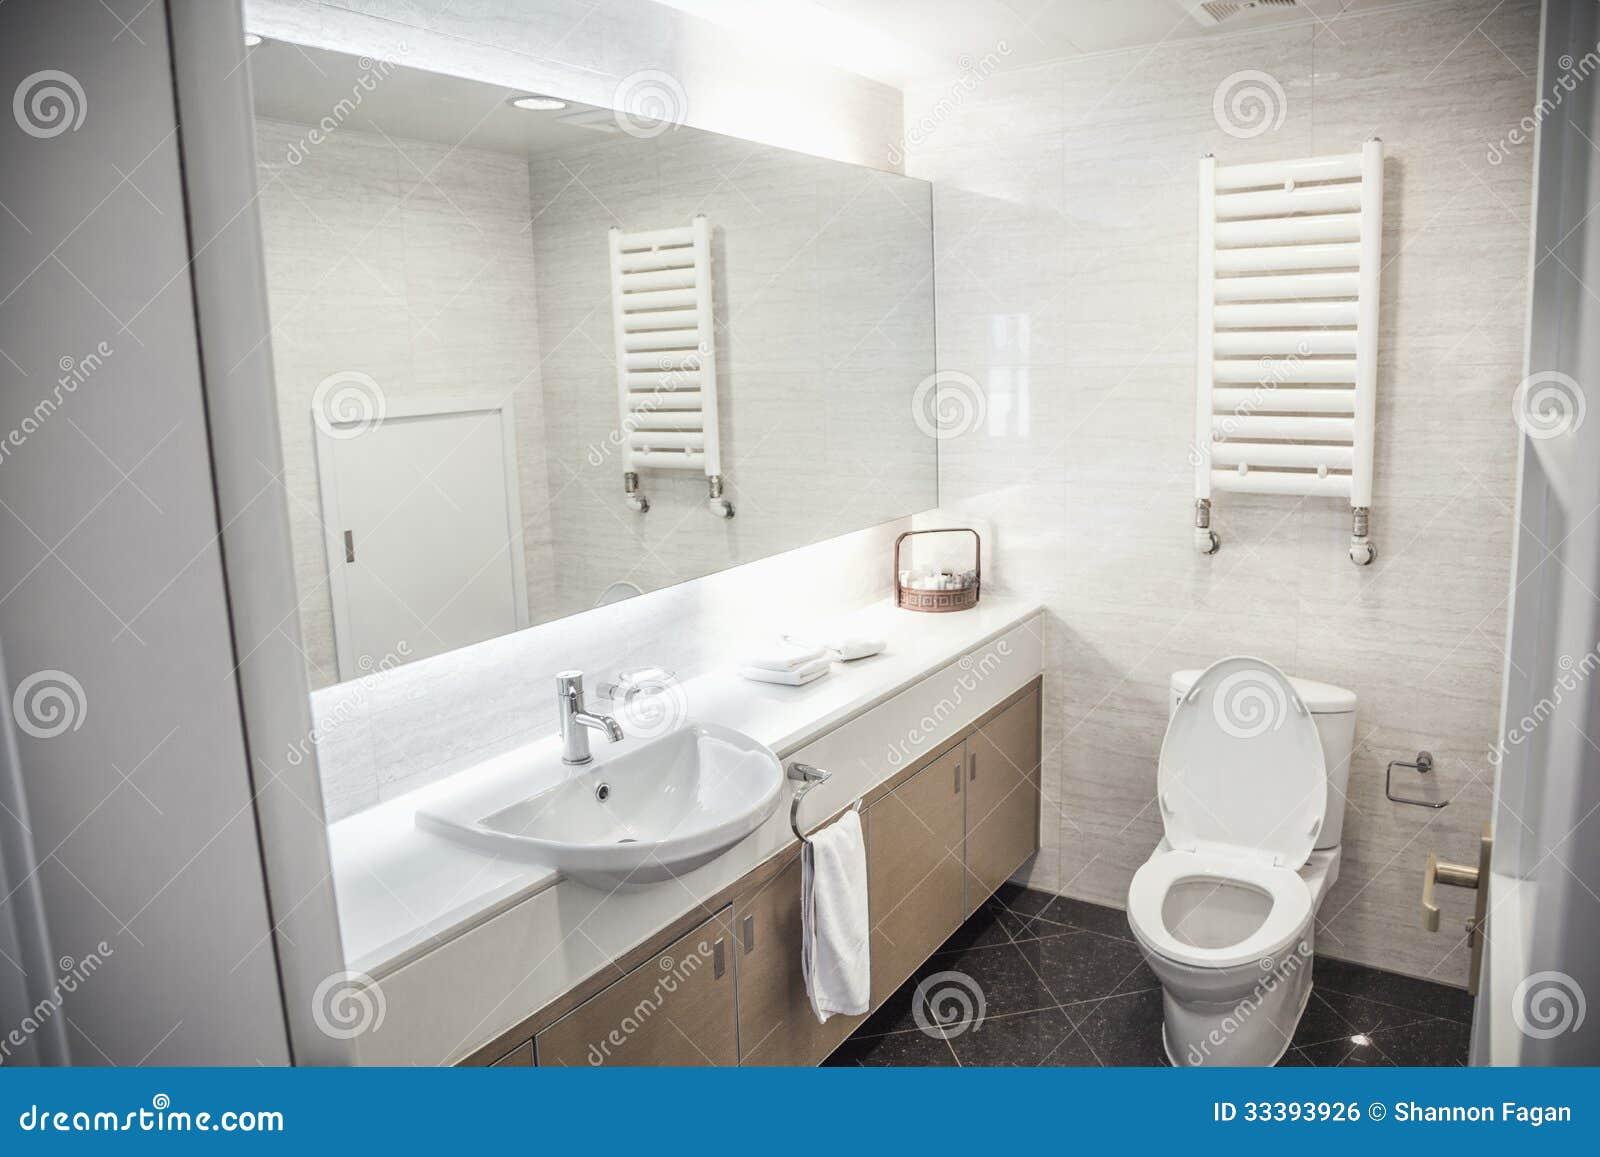 modern sauber badezimmer mit toilette und wanne lizenzfreies stockbild bild 33393926. Black Bedroom Furniture Sets. Home Design Ideas